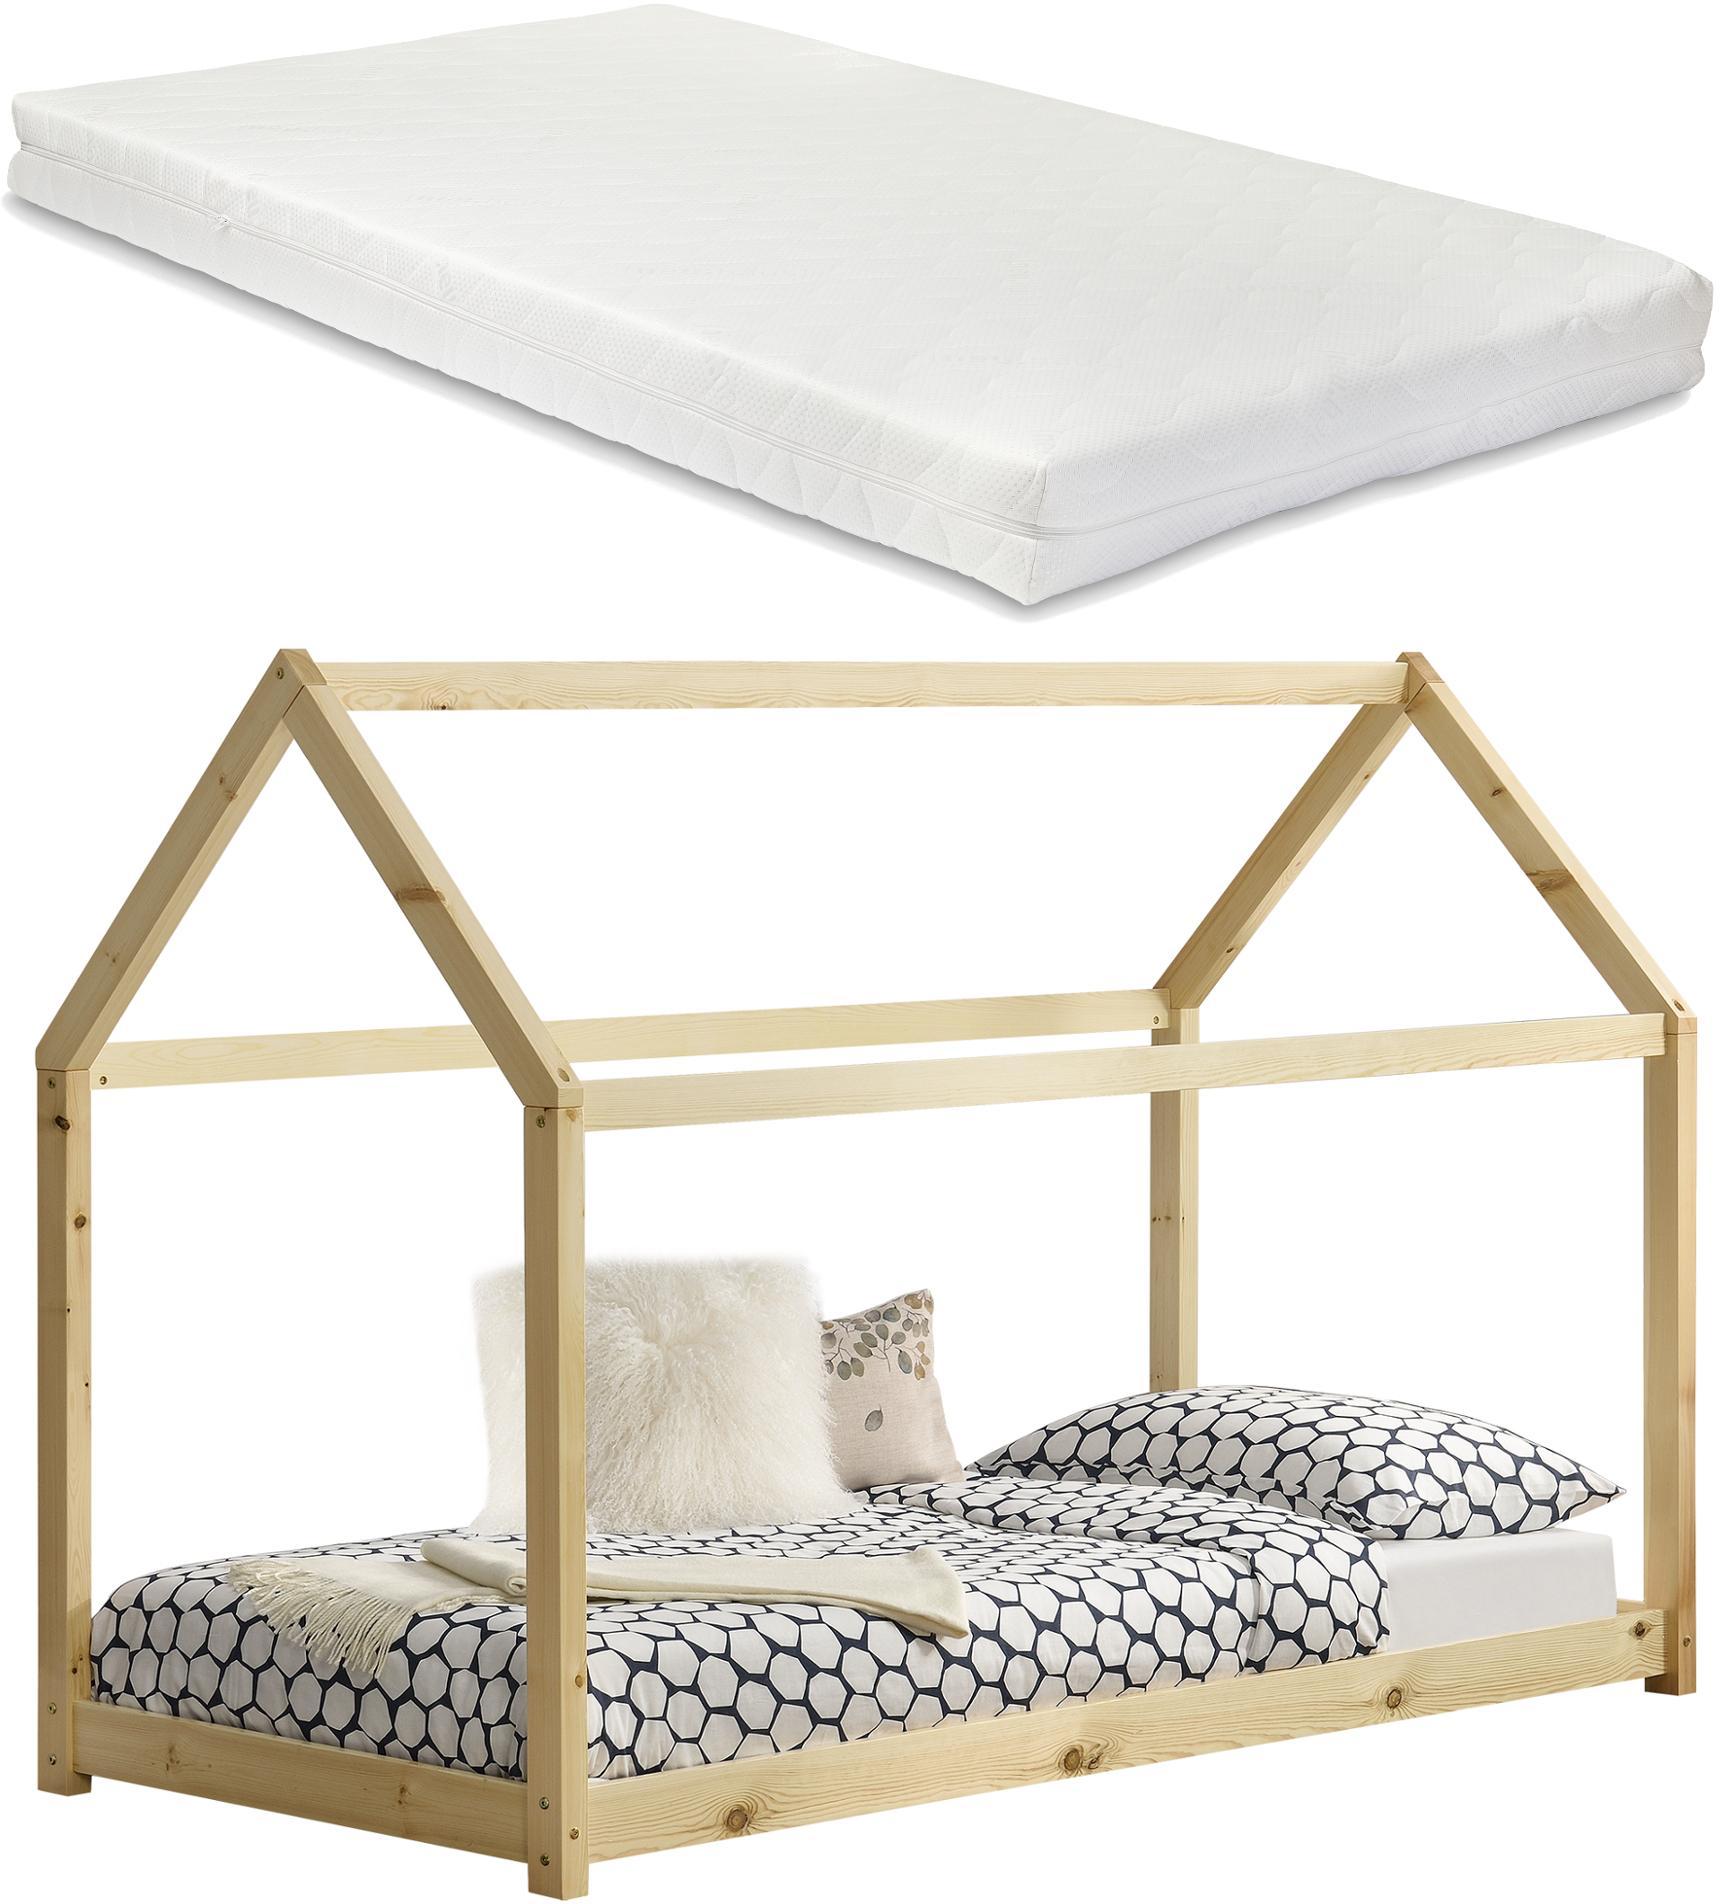 [en.casa]® Detská posteľ s matracom AAKB-8677 + HKSM